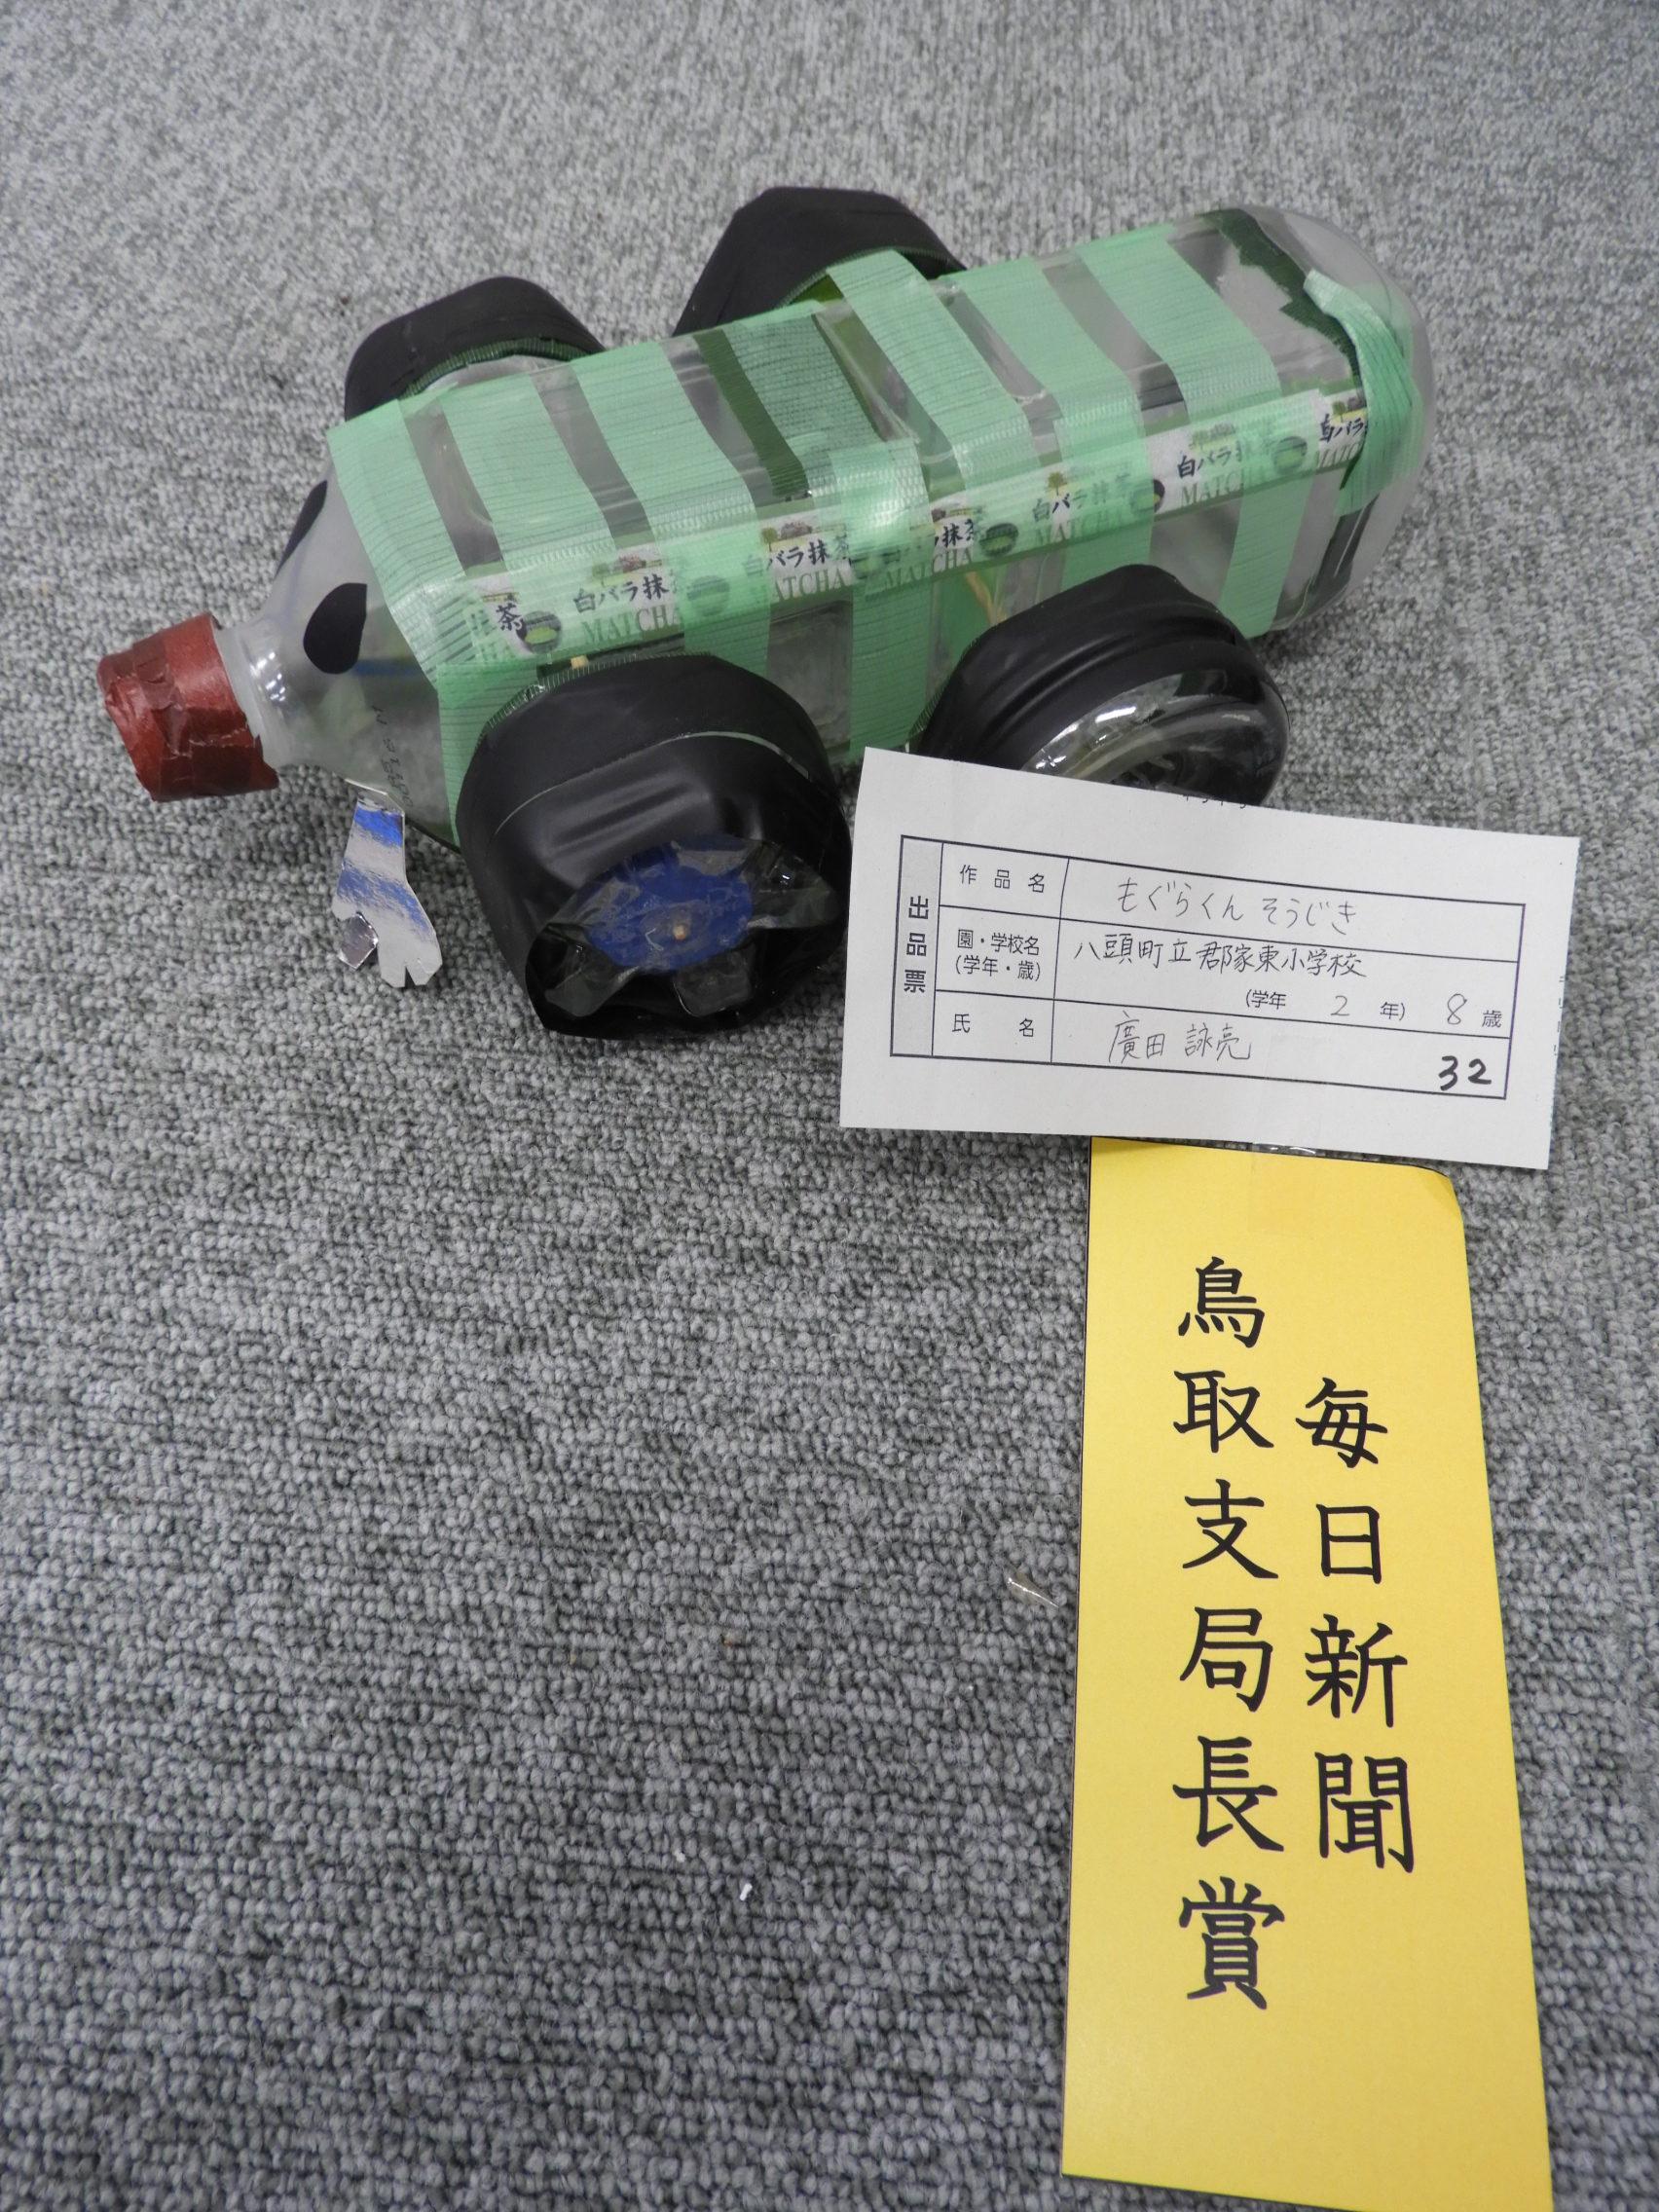 毎日新聞鳥取支局長賞 (もぐらくんそうじき 廣田 詠亮)